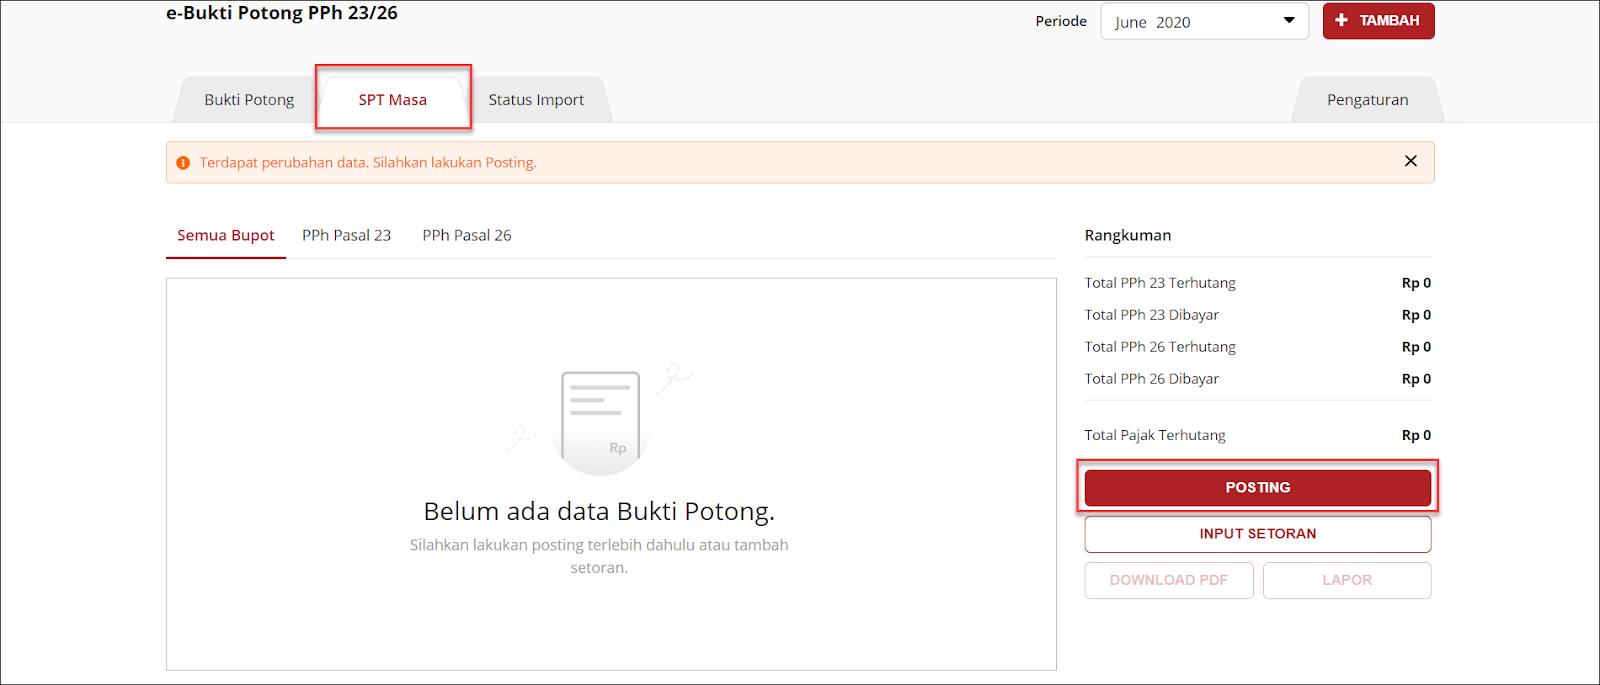 Tampilan e-Bukti Potong PPh 23/26 OnlinePajak dan cara melakukan posting semua bupot ke dalam sistem Image